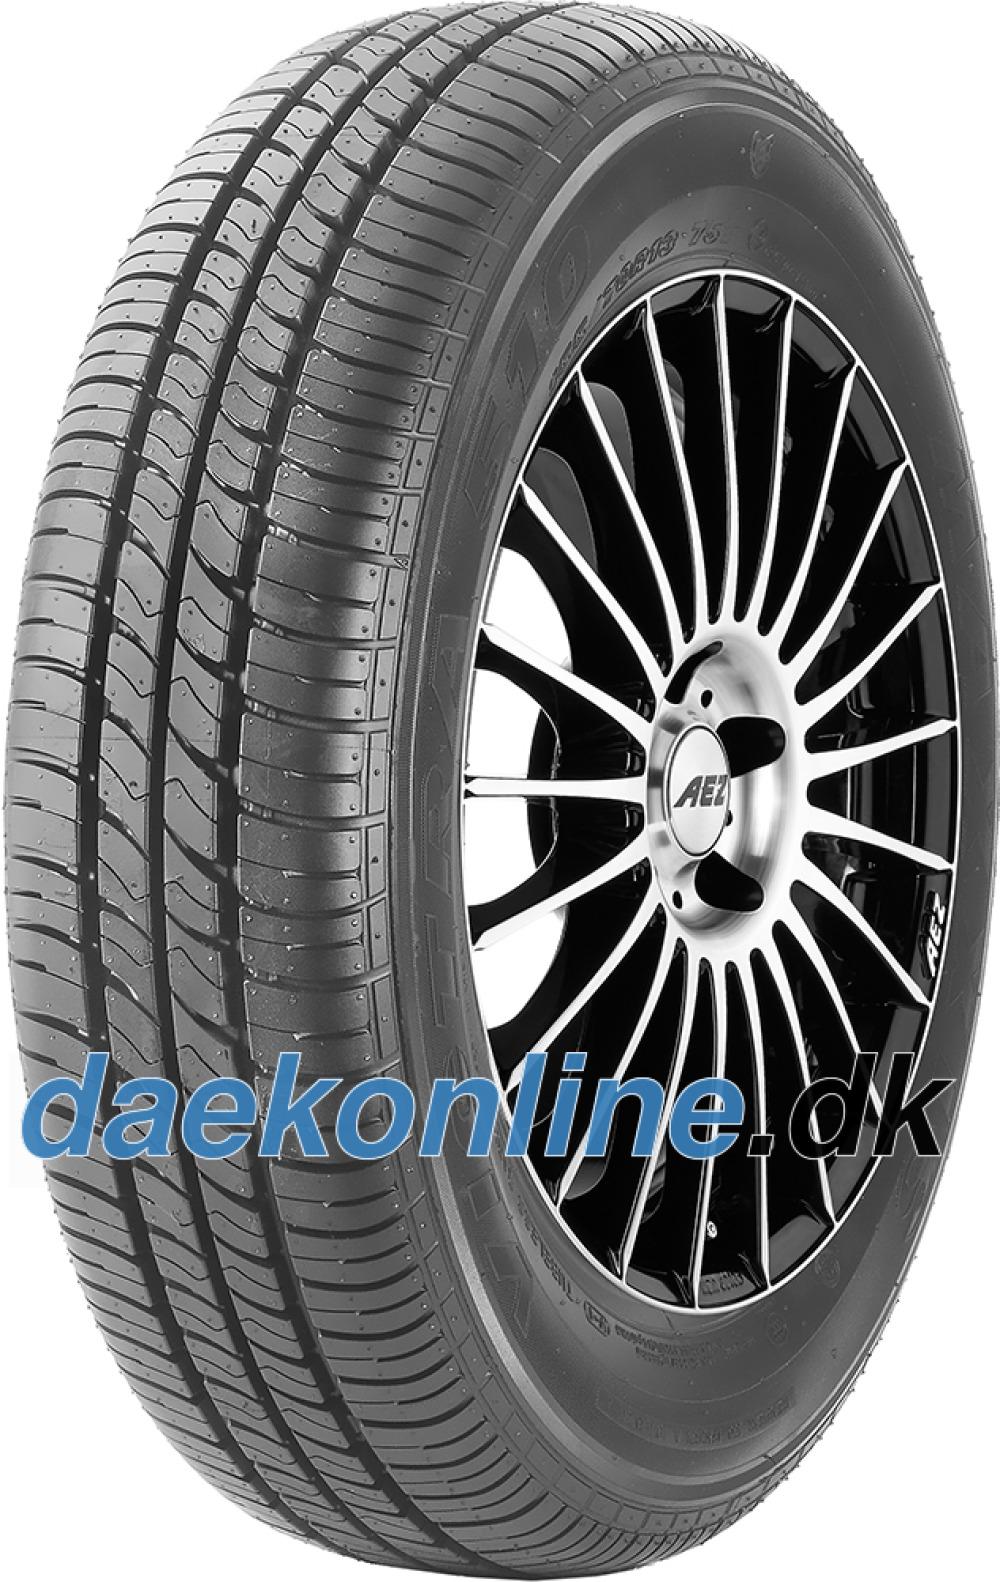 maxxis-ma-510n-15570-r13-75t